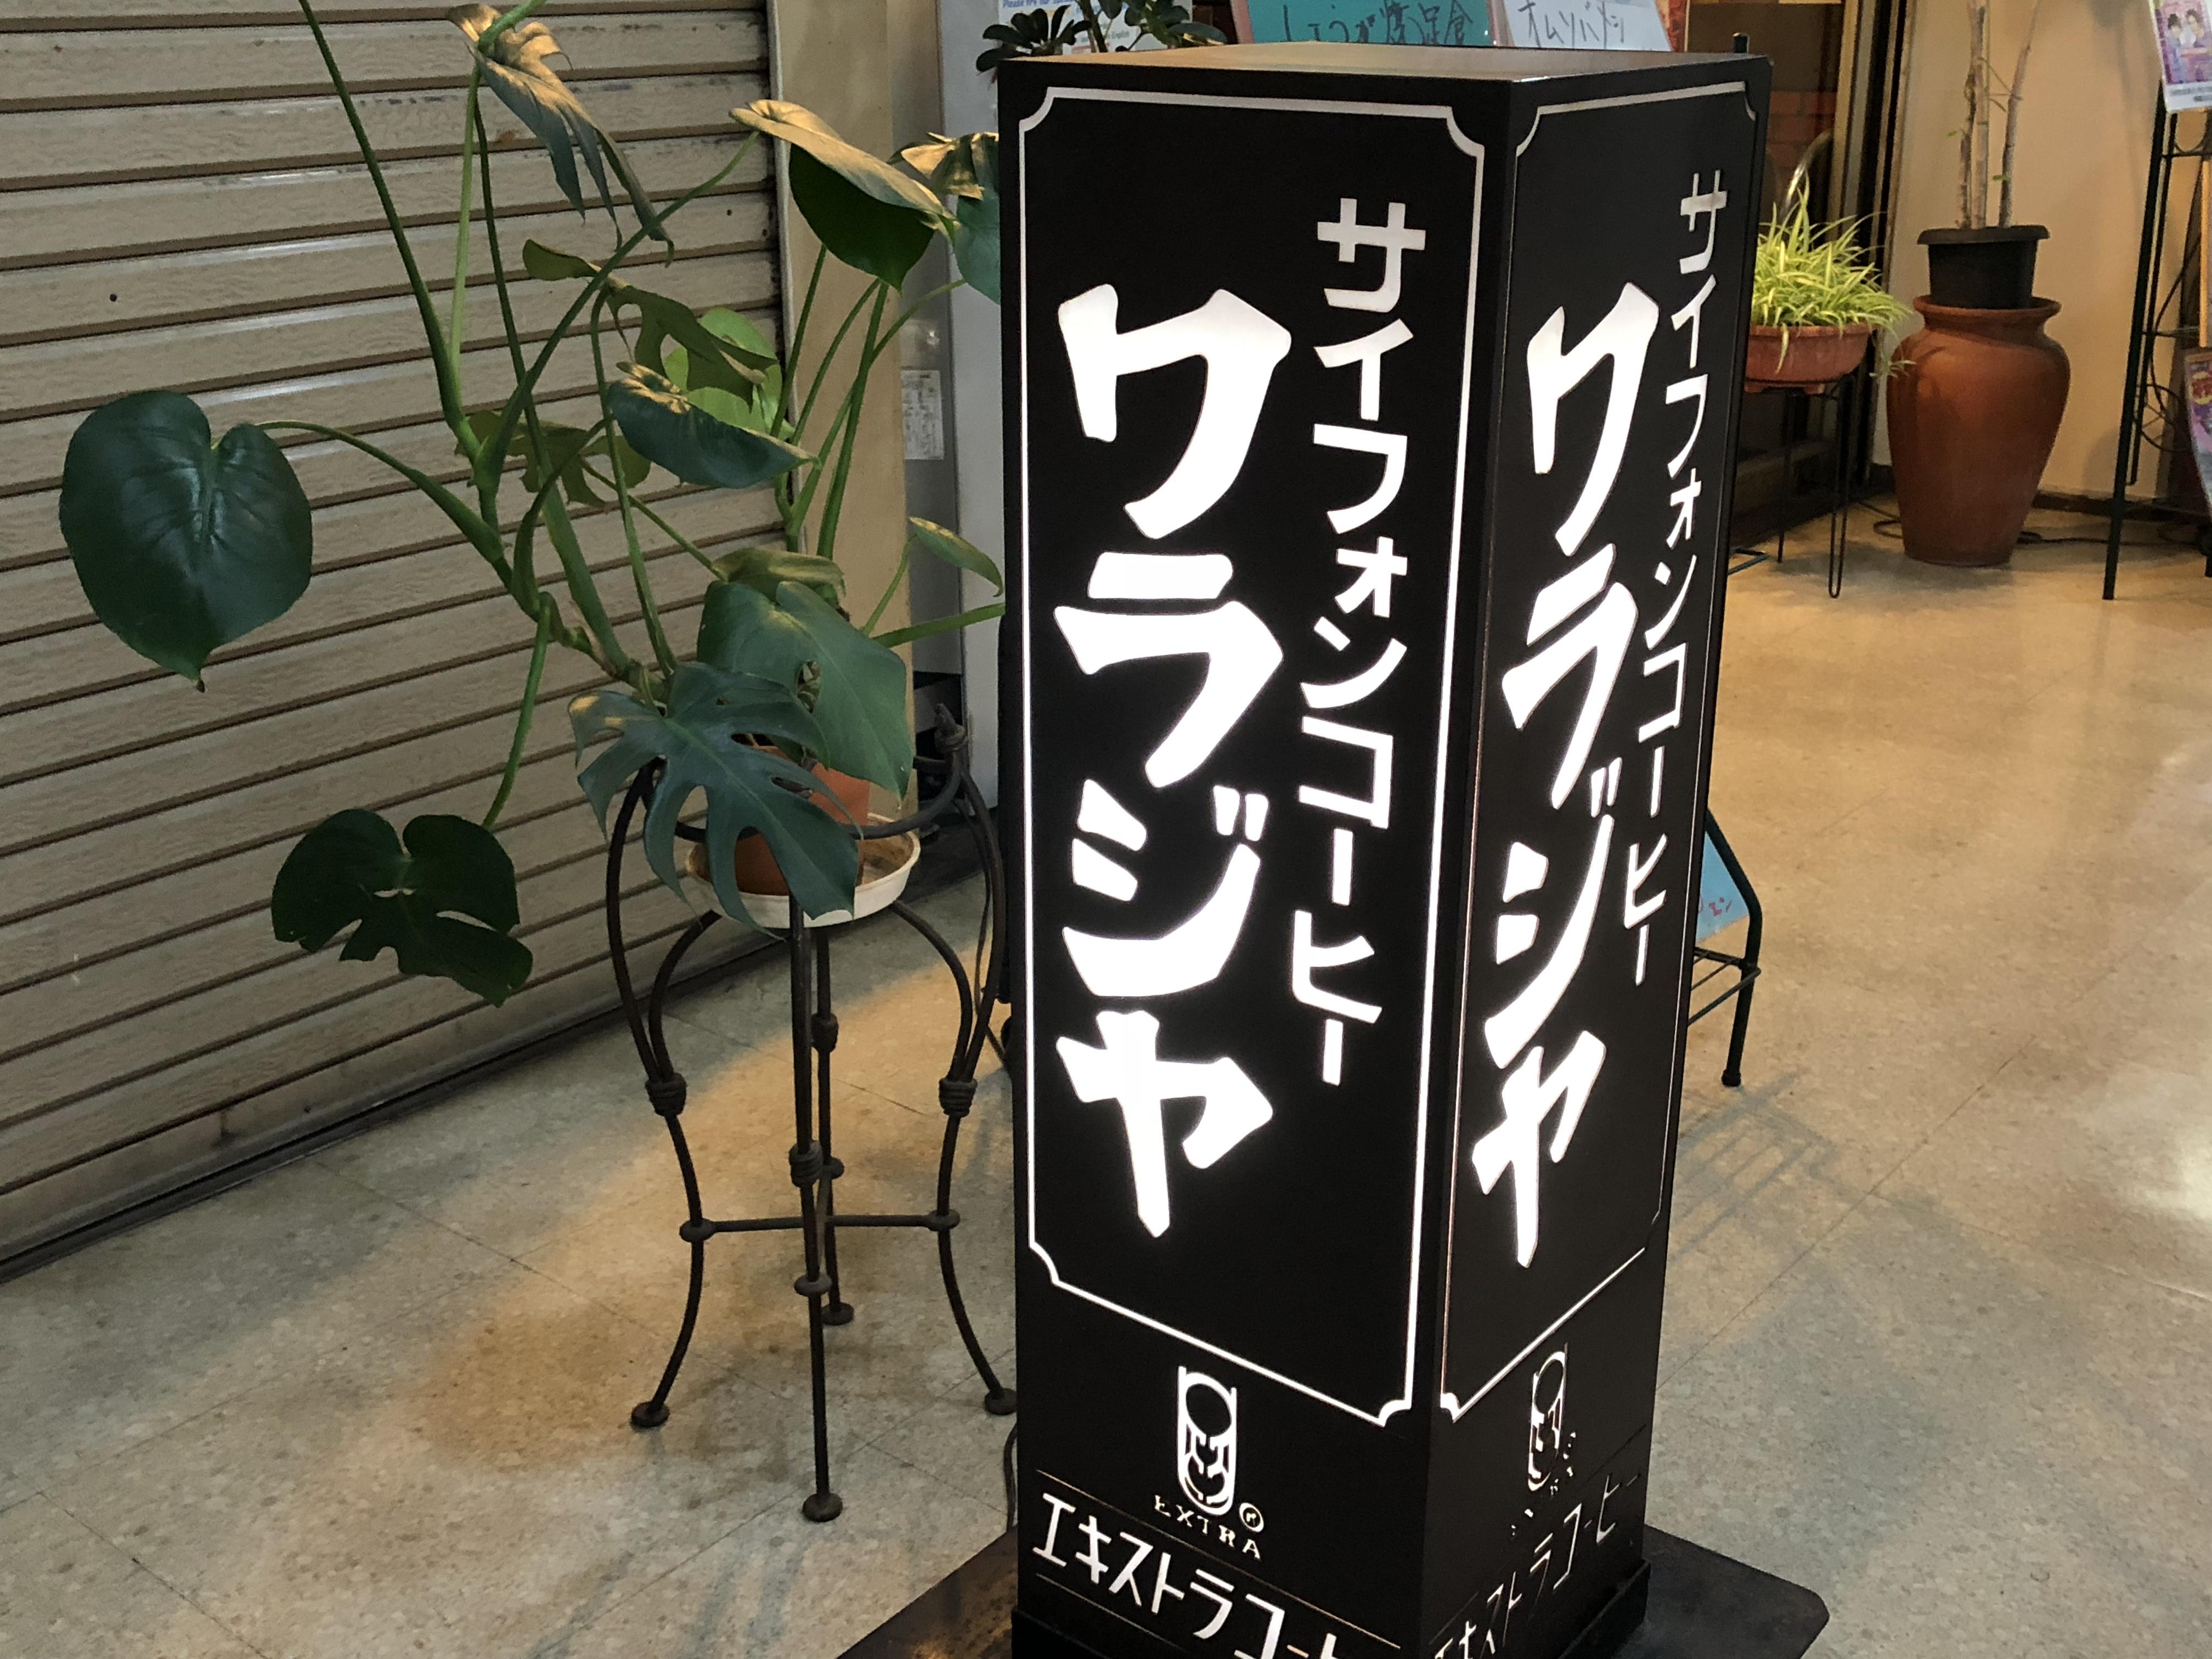 神戸・メリケンパークのグルメ横町にある「ワラジヤ」さんで、芸能人に大人気「オムソバメシ」を食べてみた! #ワラジヤ #神戸メリケンパーク #平民金子